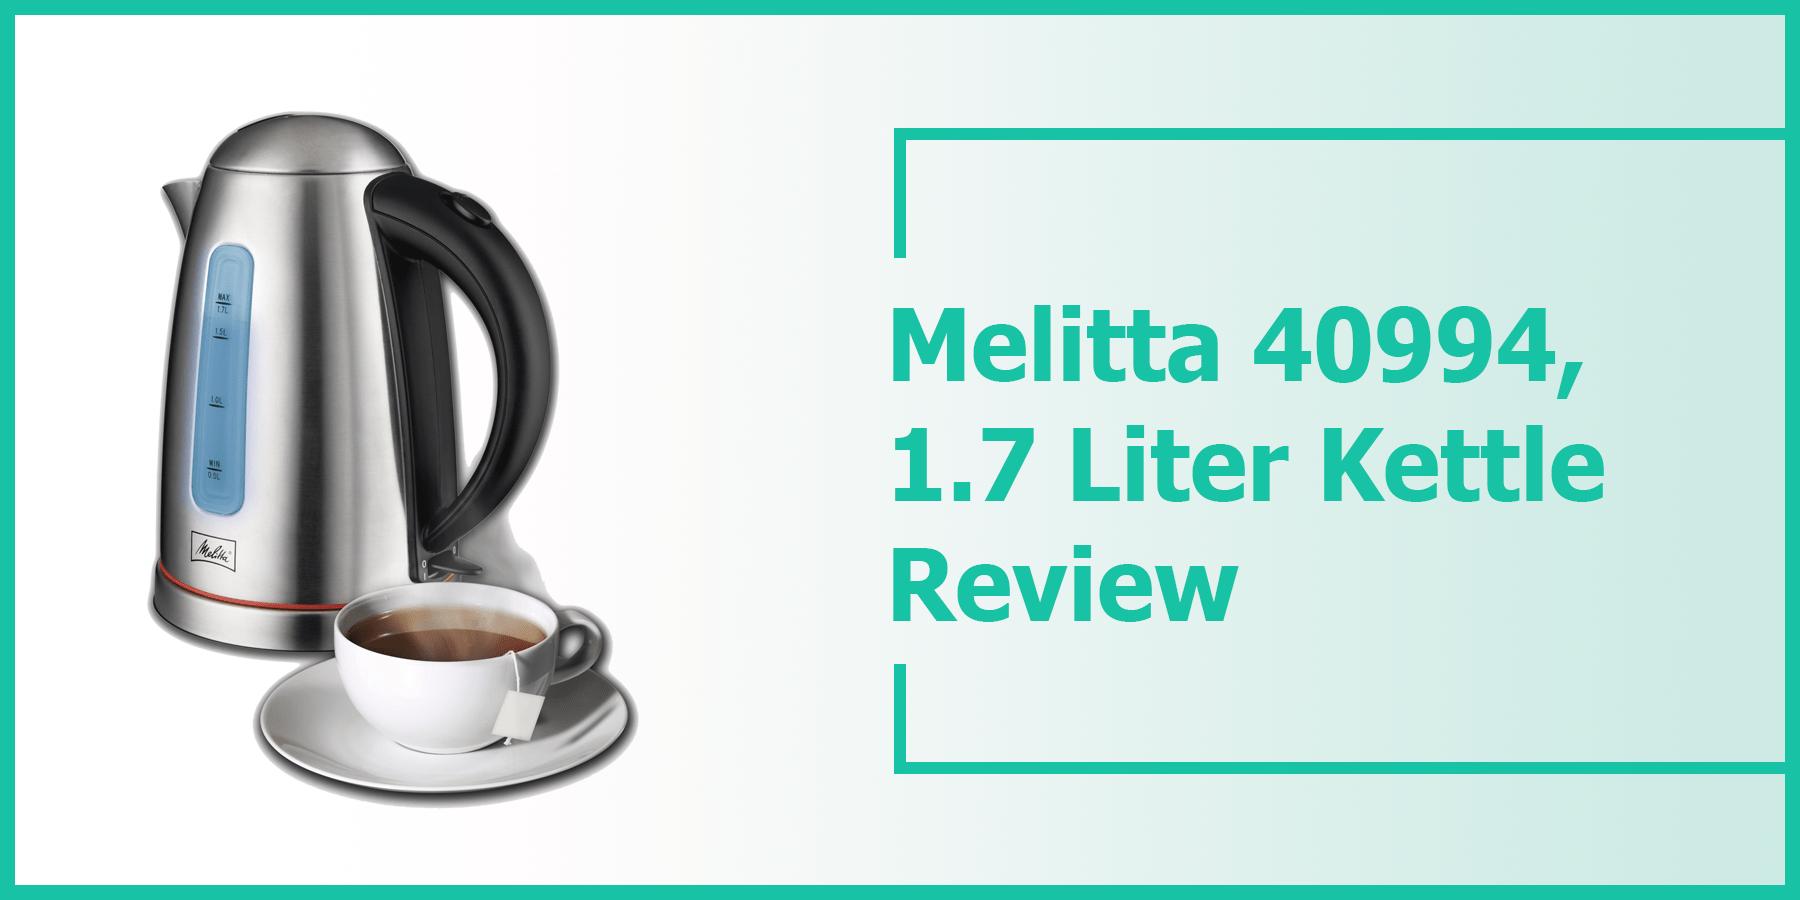 Melitta 40994, 1.7 Liter Kettle Review